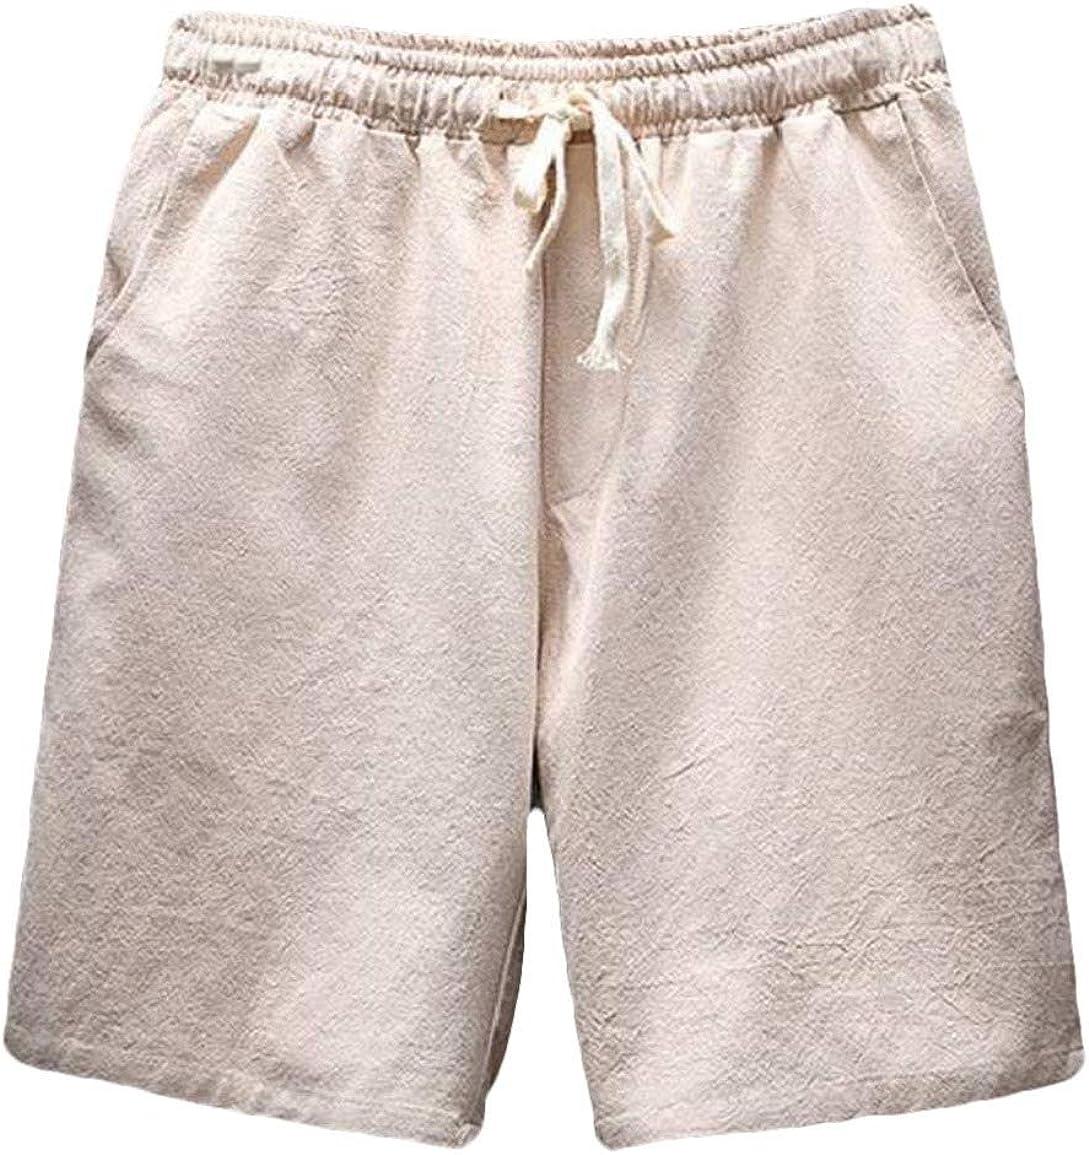 NestYu Men Linen Chinese V-Neck Short Pants T-Shirt Big and Tall 2 Piece Set